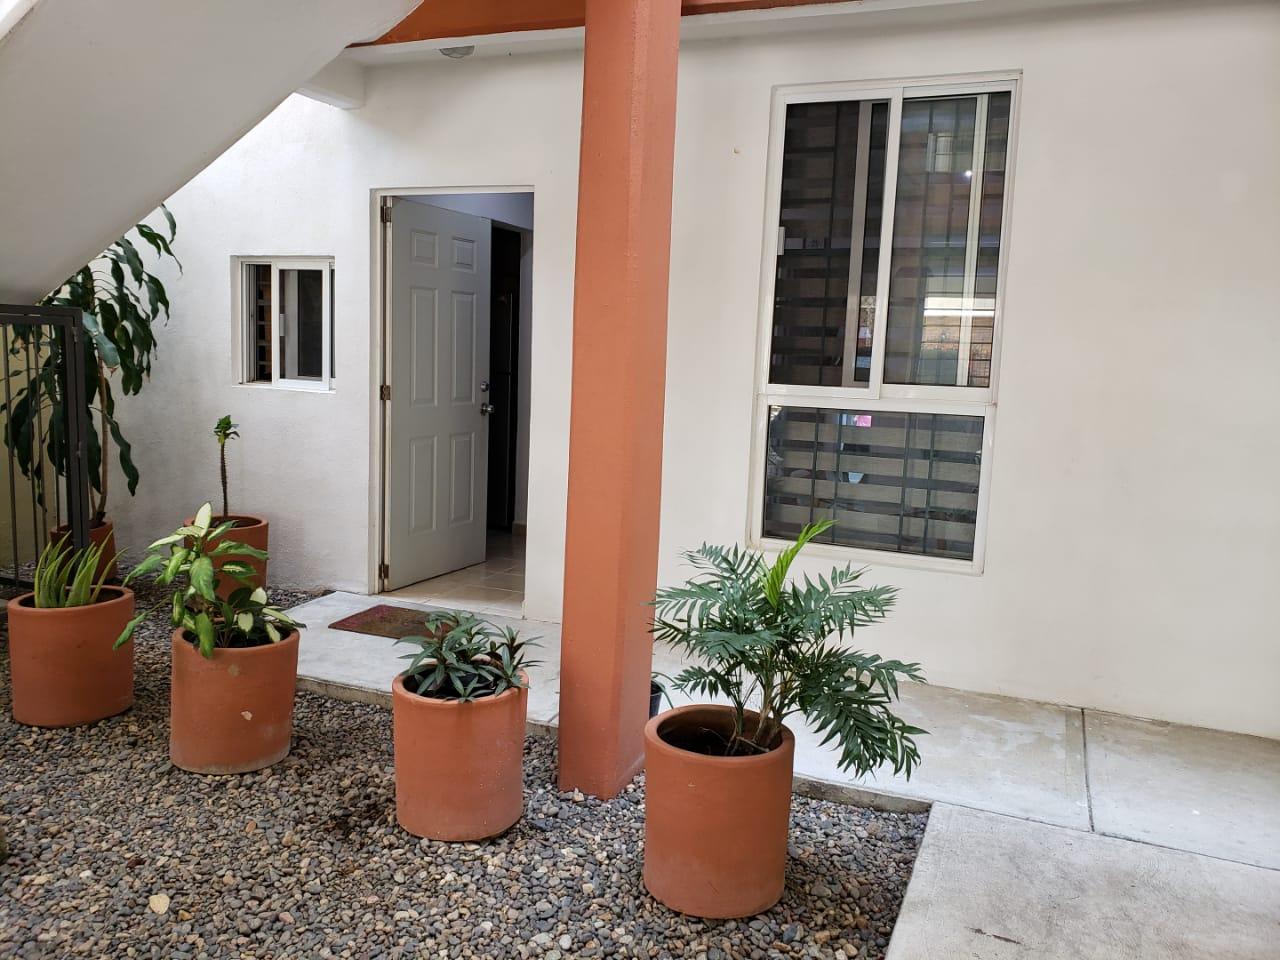 166 Puerto Escondido Unit 1 -two bedroom Condo